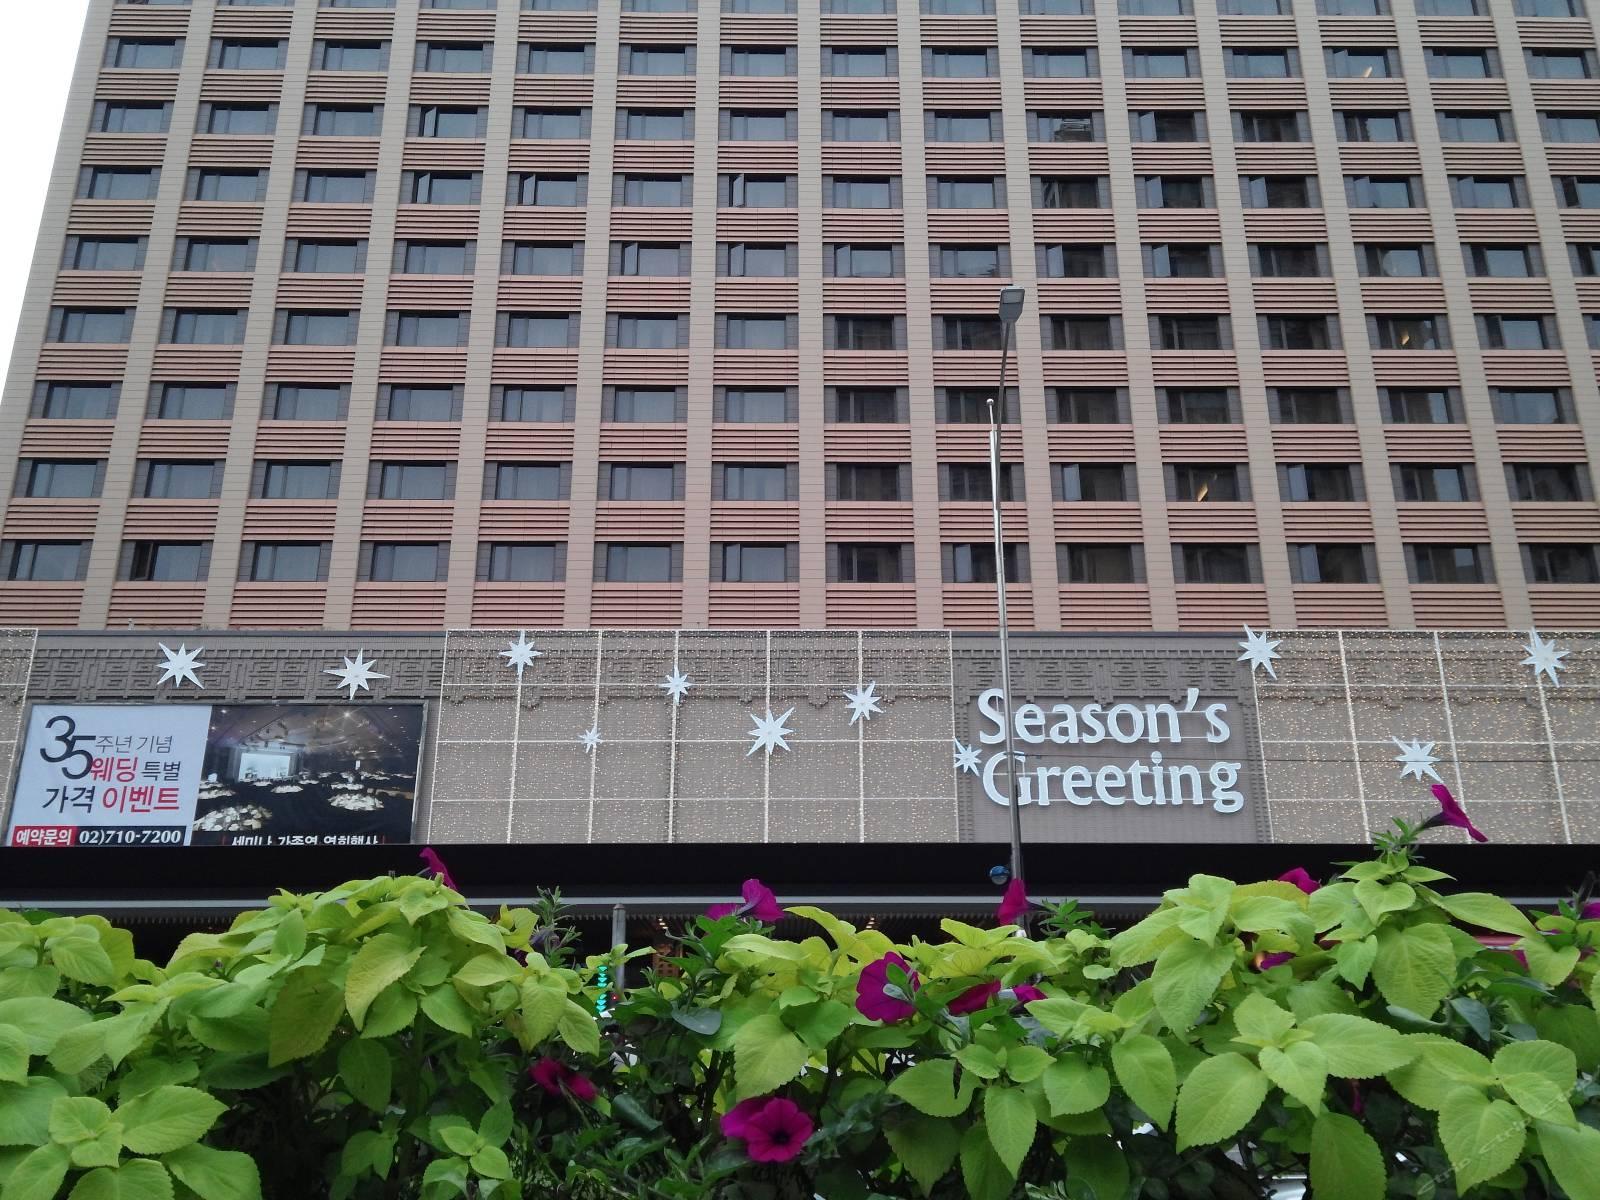 首尔贝斯特韦斯特花园精品酒店